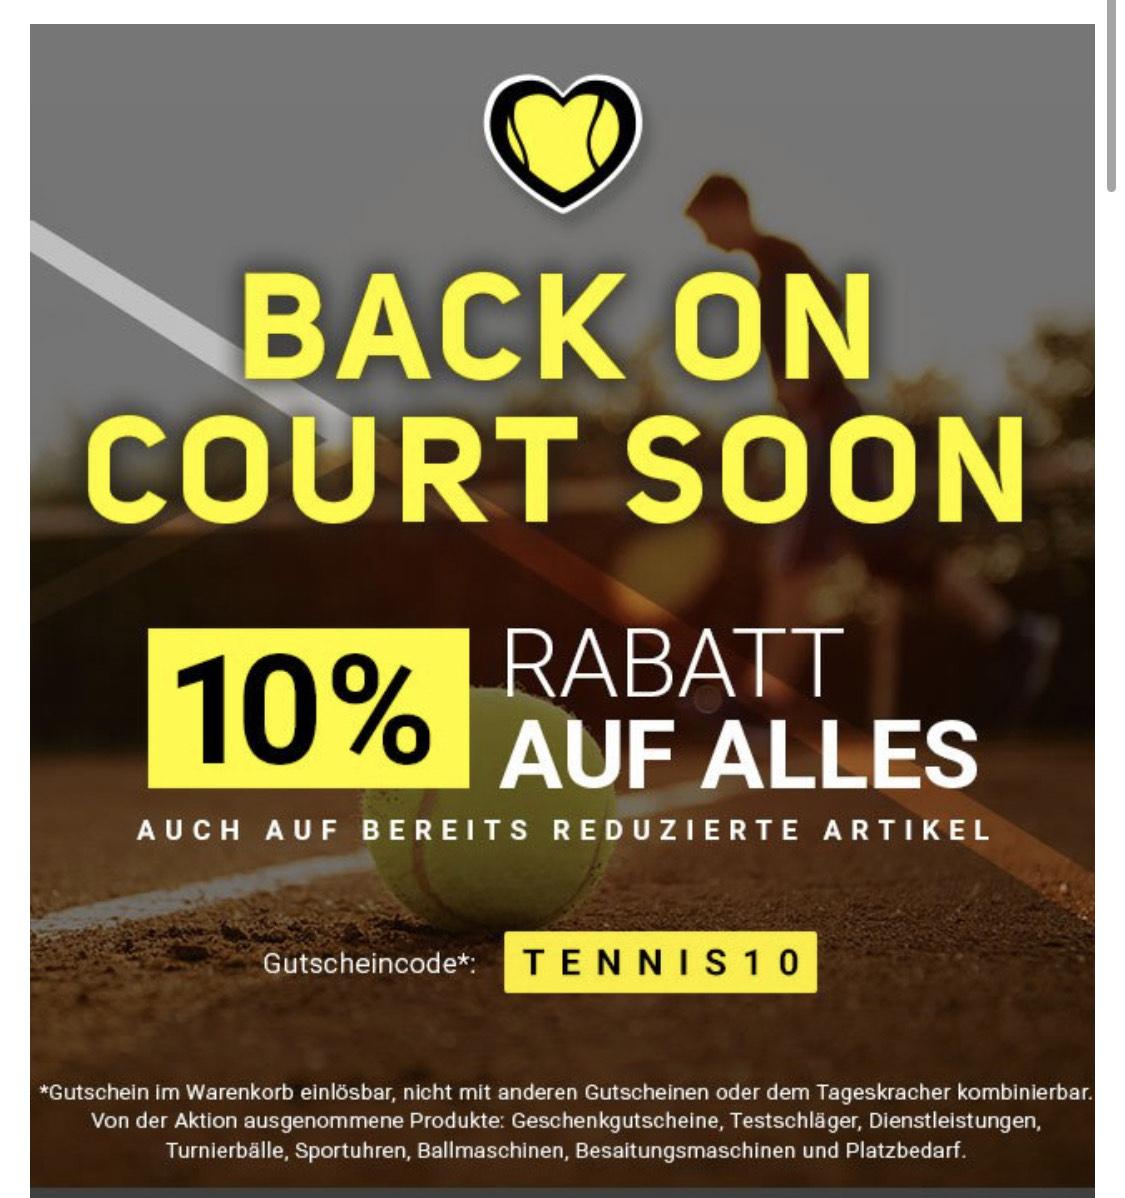 Tennis-Point 10% Rabatt auf fast alles